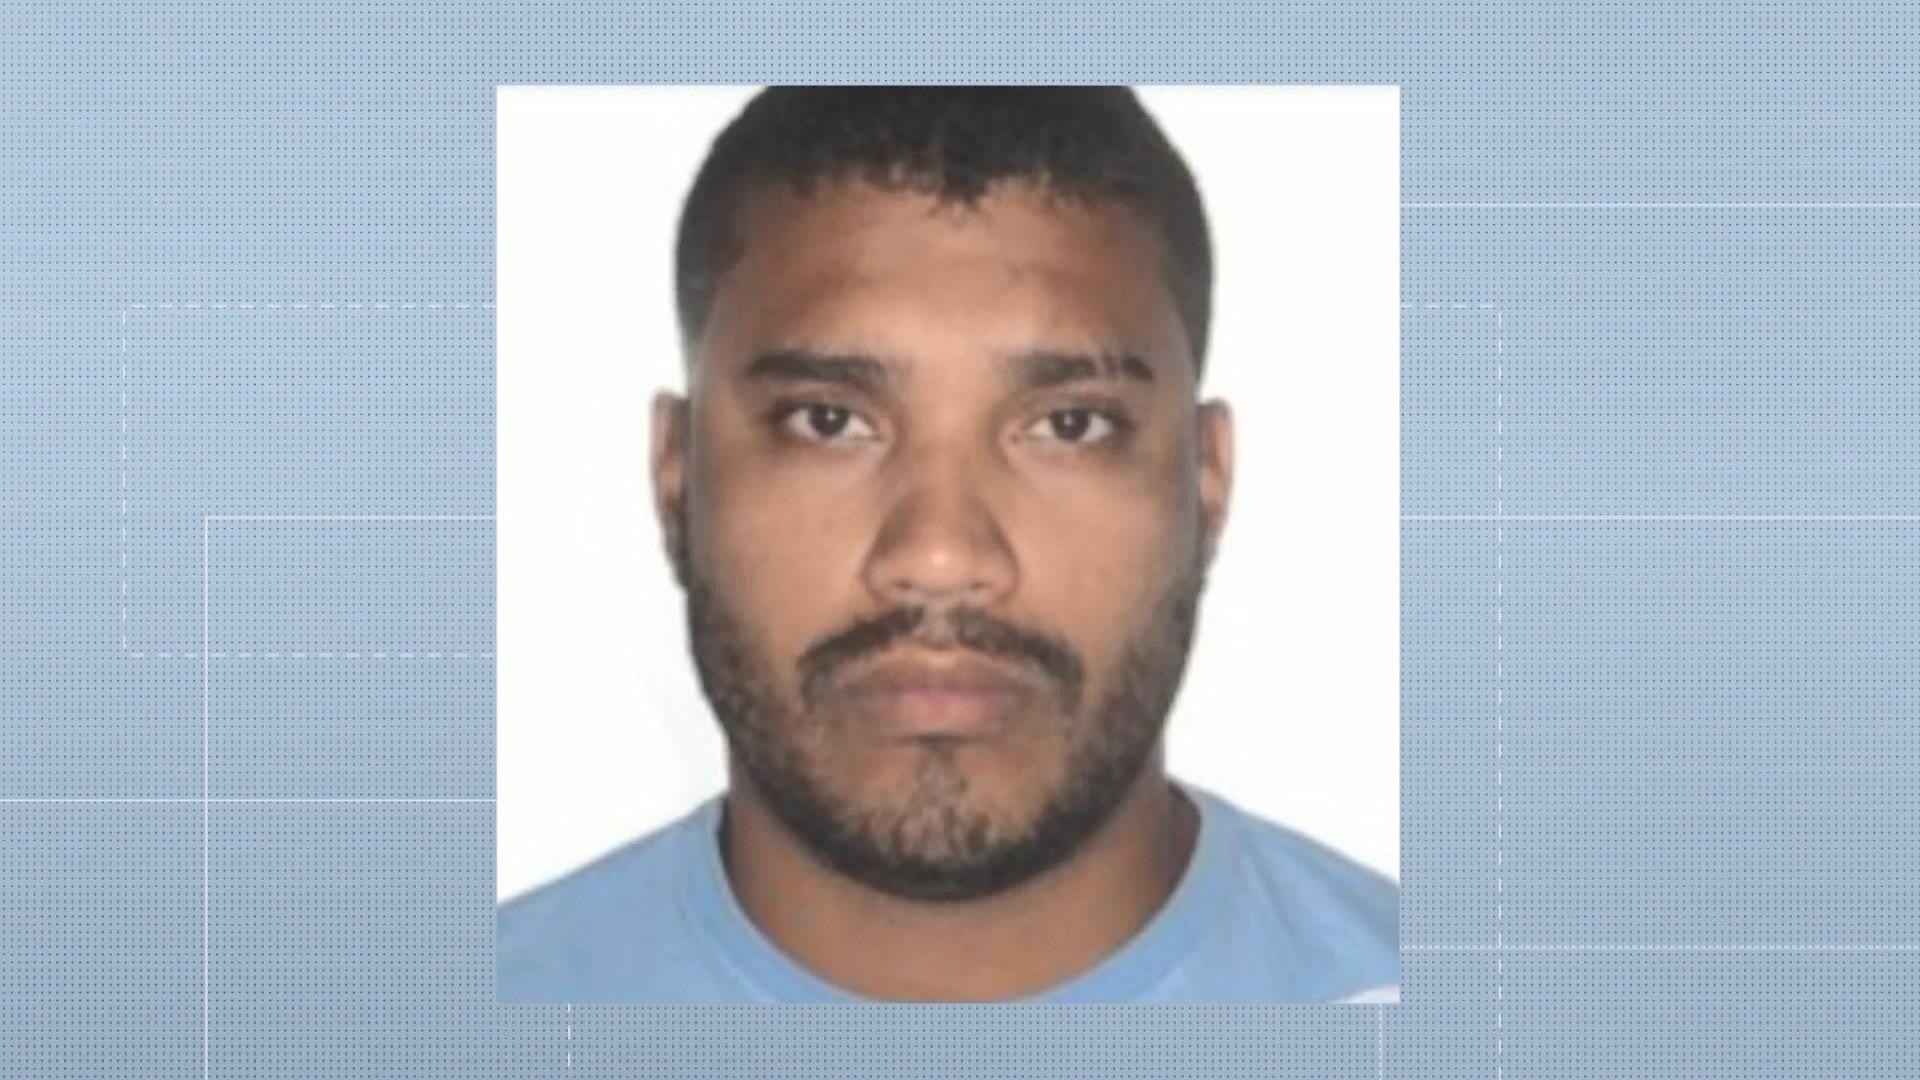 Homem é assassinado enquanto dirigia em Vila Velha, ES